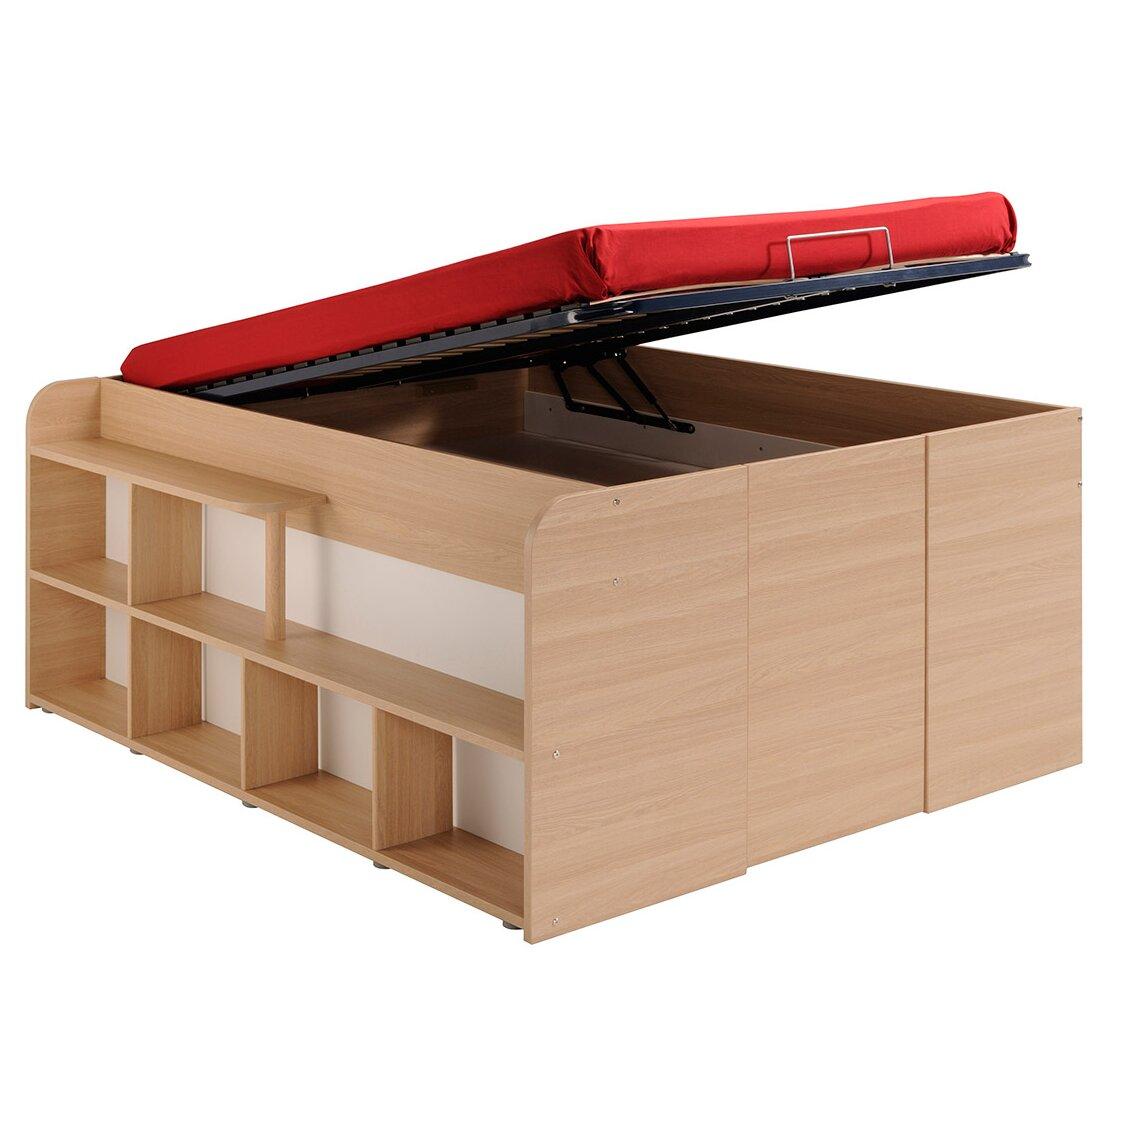 parisot storage platform bed reviews wayfair. Black Bedroom Furniture Sets. Home Design Ideas